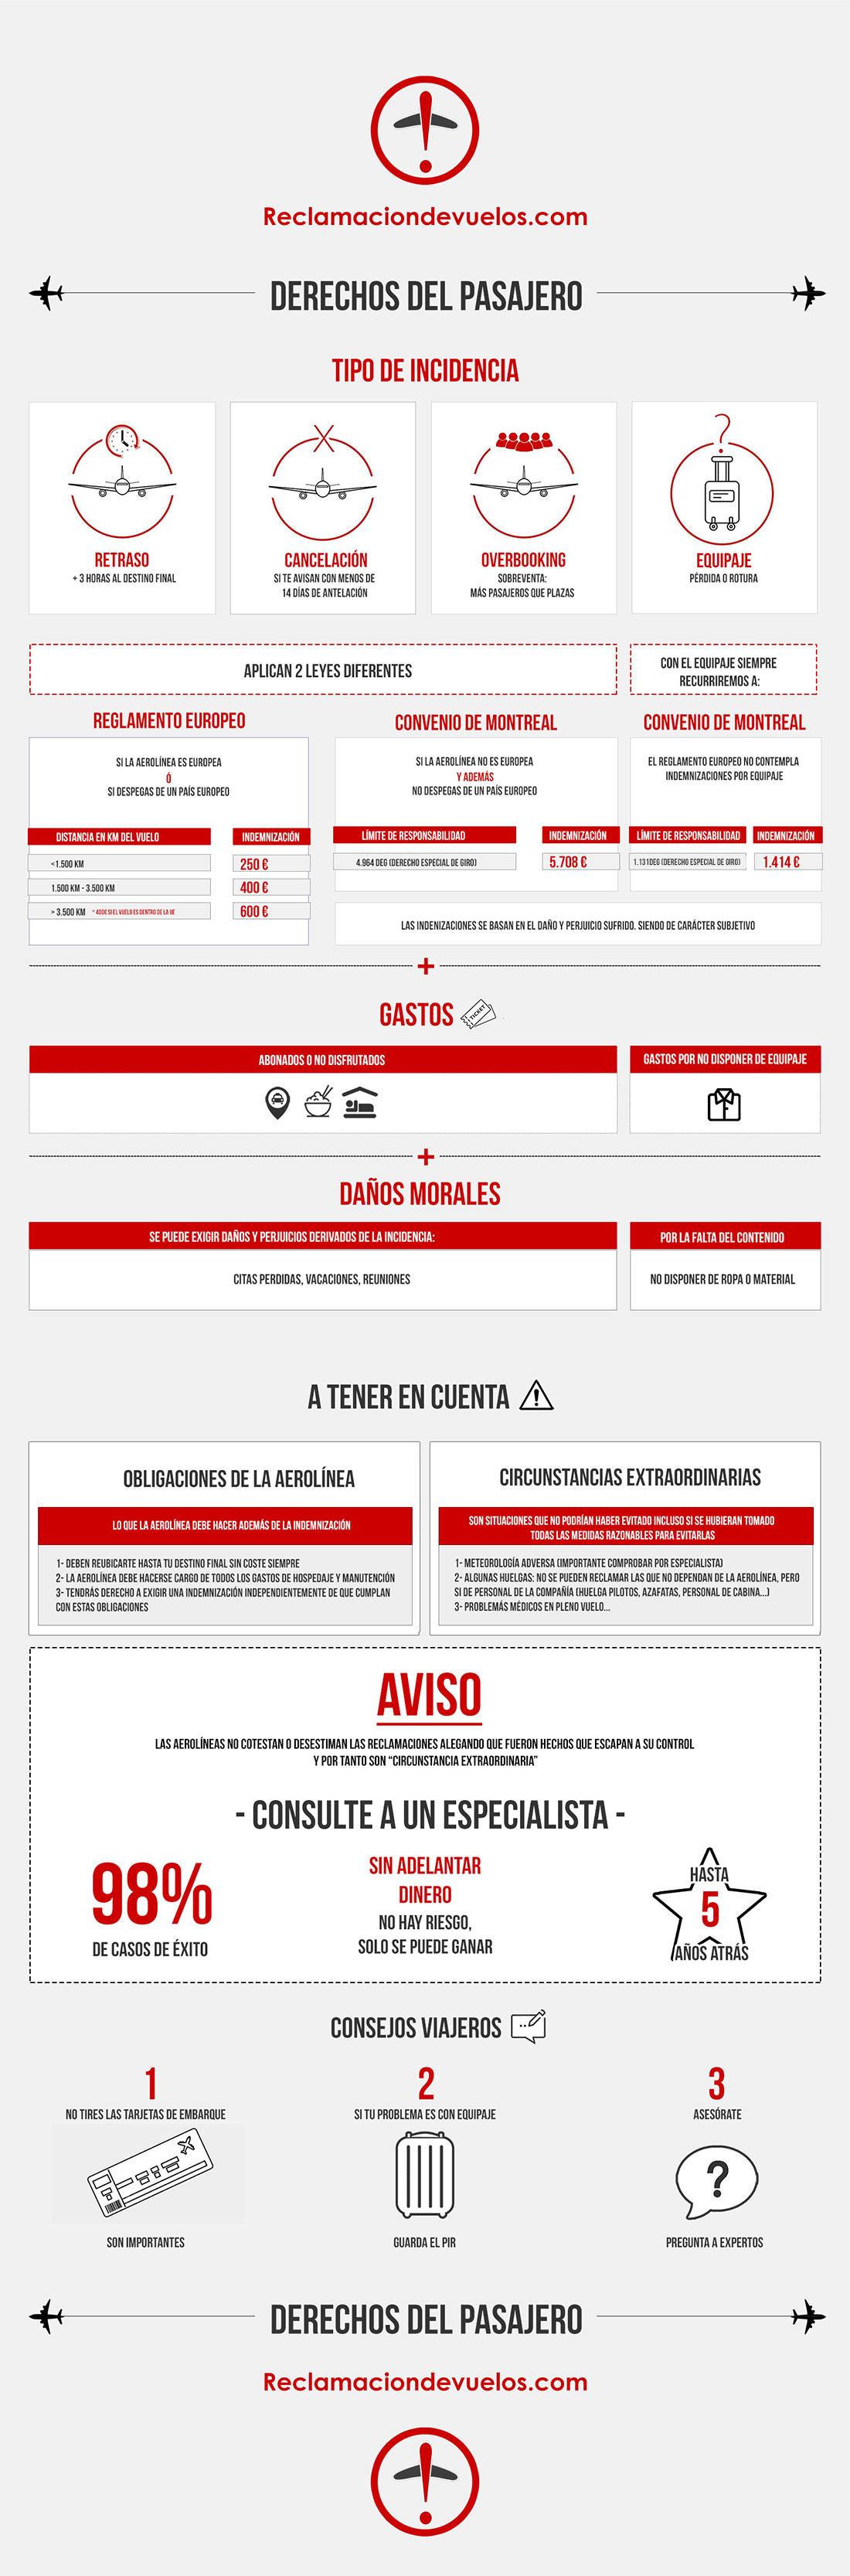 Derechos del pasajero de un vuelo: Infografía